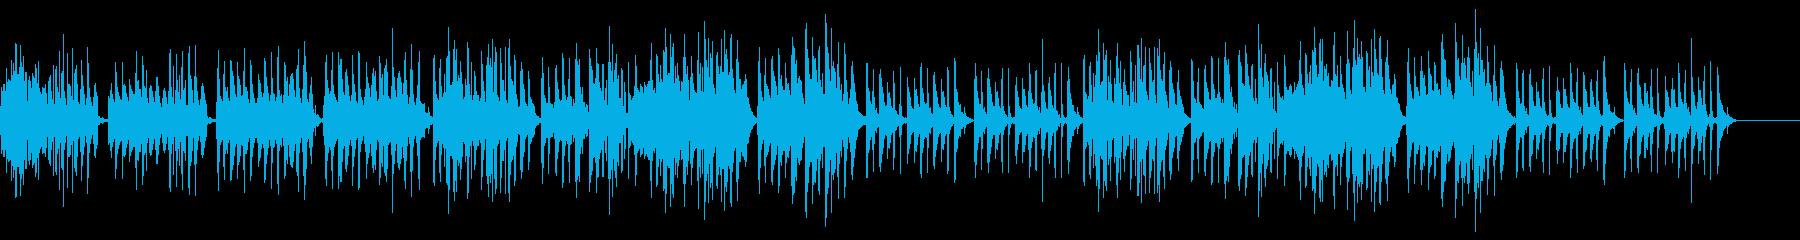 ワールド 民族 ワイルド 民族楽器の再生済みの波形